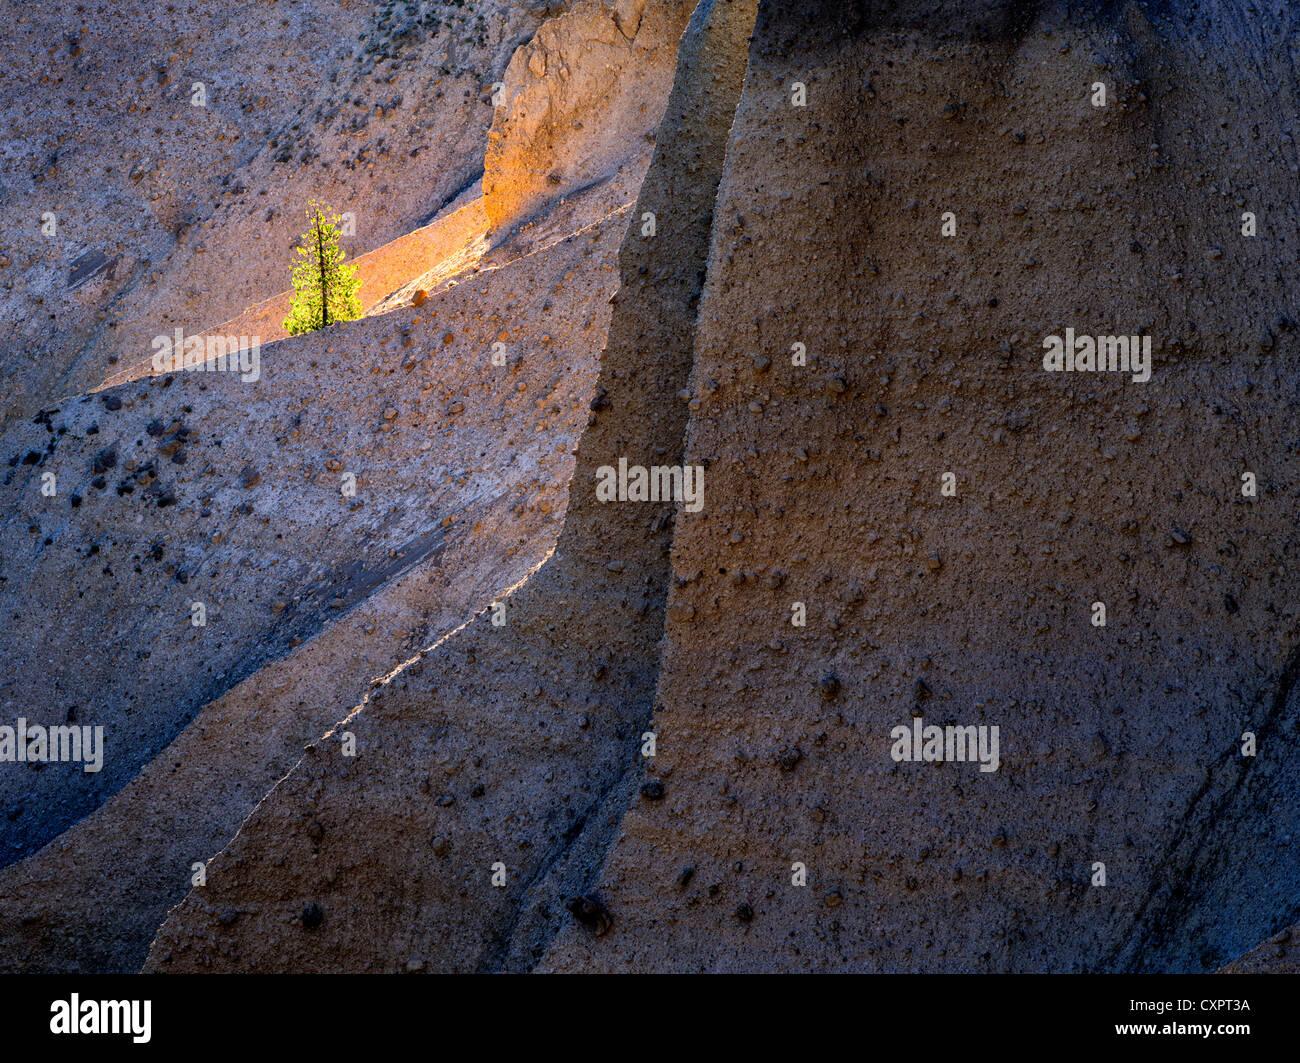 Einsamer Hintergrundbeleuchtung Baum. Crater Lake Nationalpark, Oregon. Vulkanische Ablagerung. Die Pinnacles, Oregon Stockbild